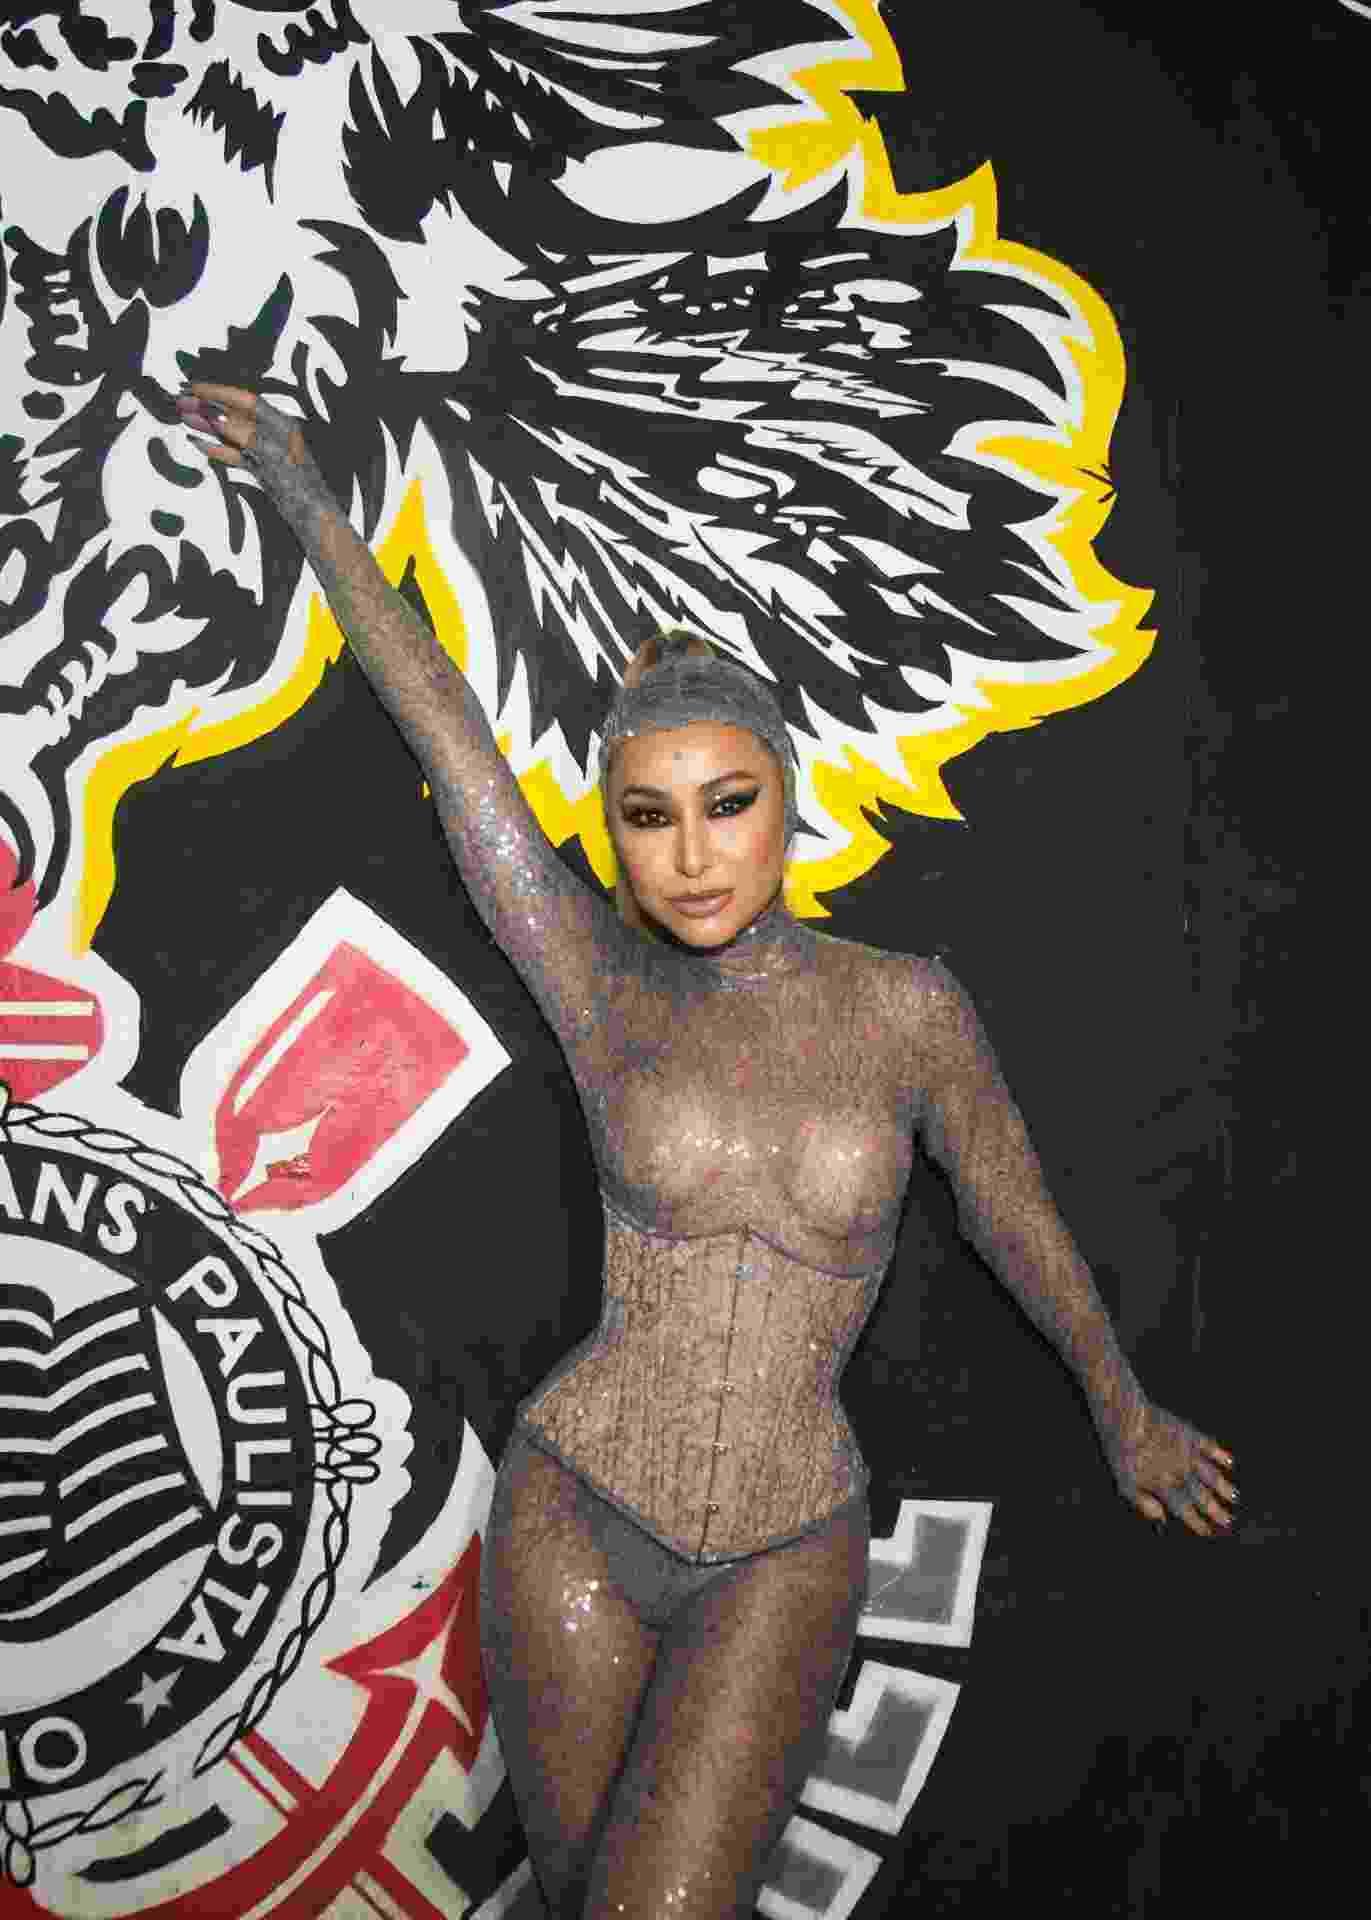 Sabrina Sato dispensa sutiã para look futurista em ensaio de Carnaval - Patrícia Devoraes/Brazil News